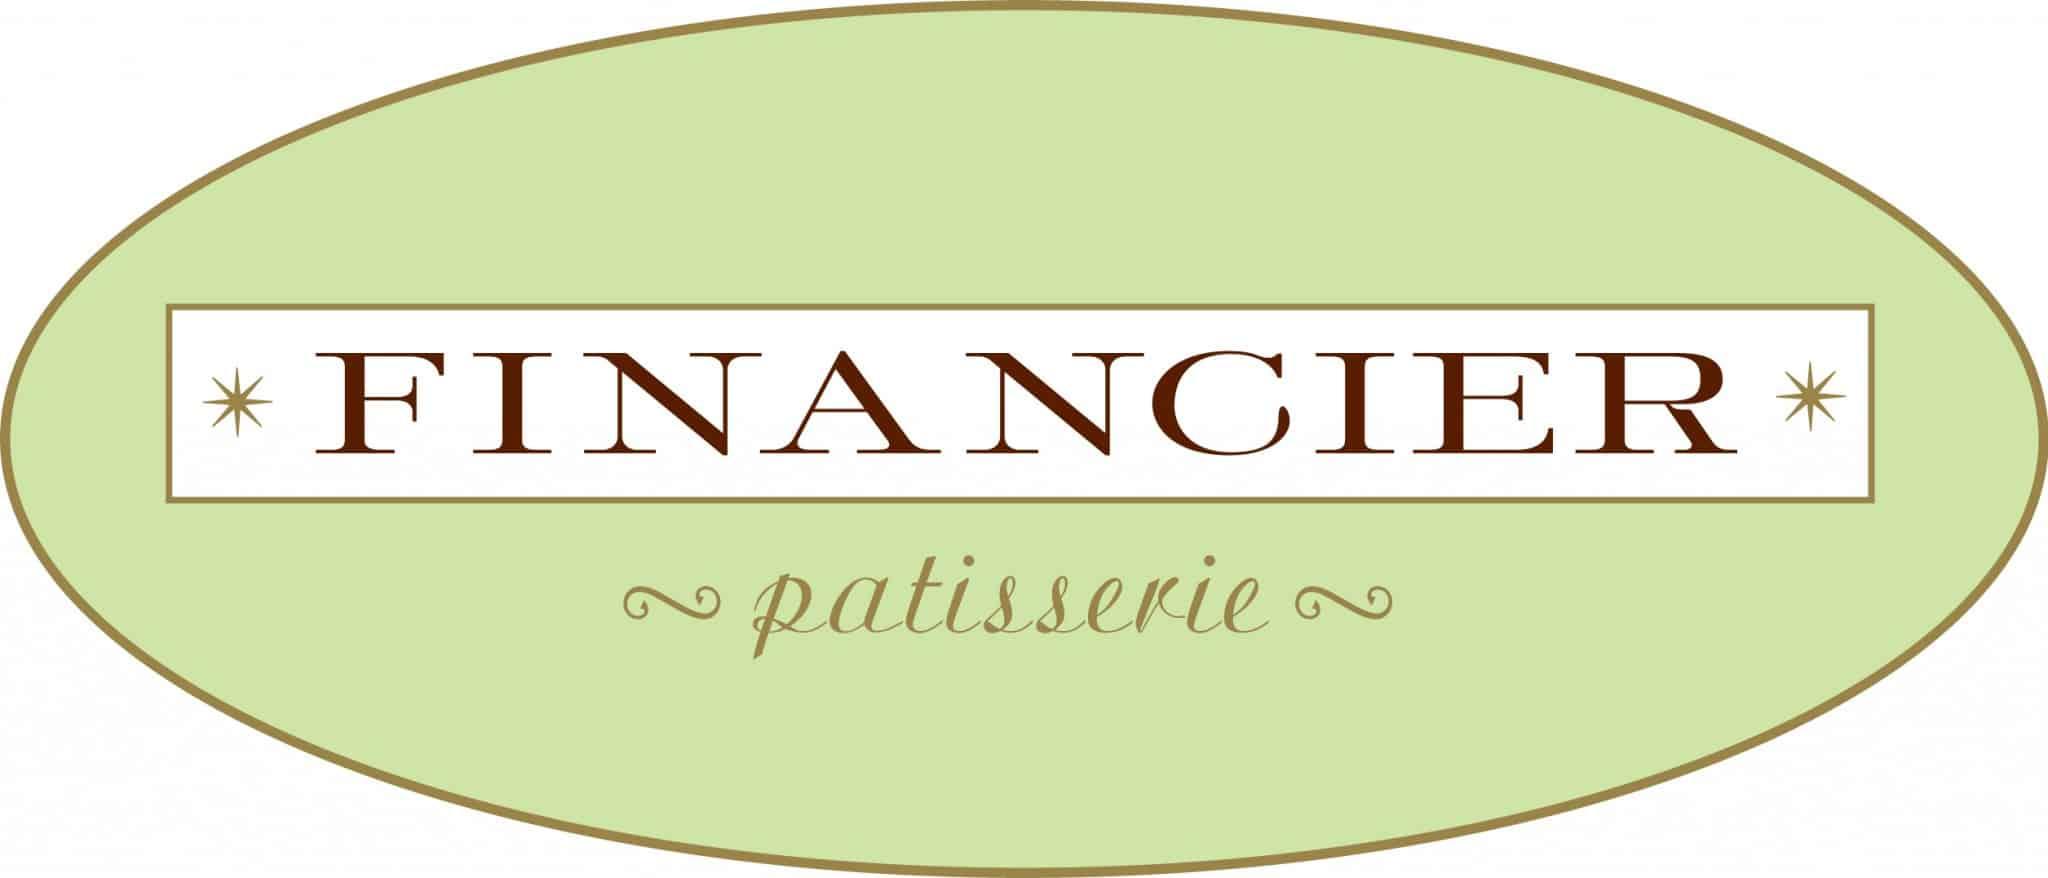 BEST jpg financier.logo